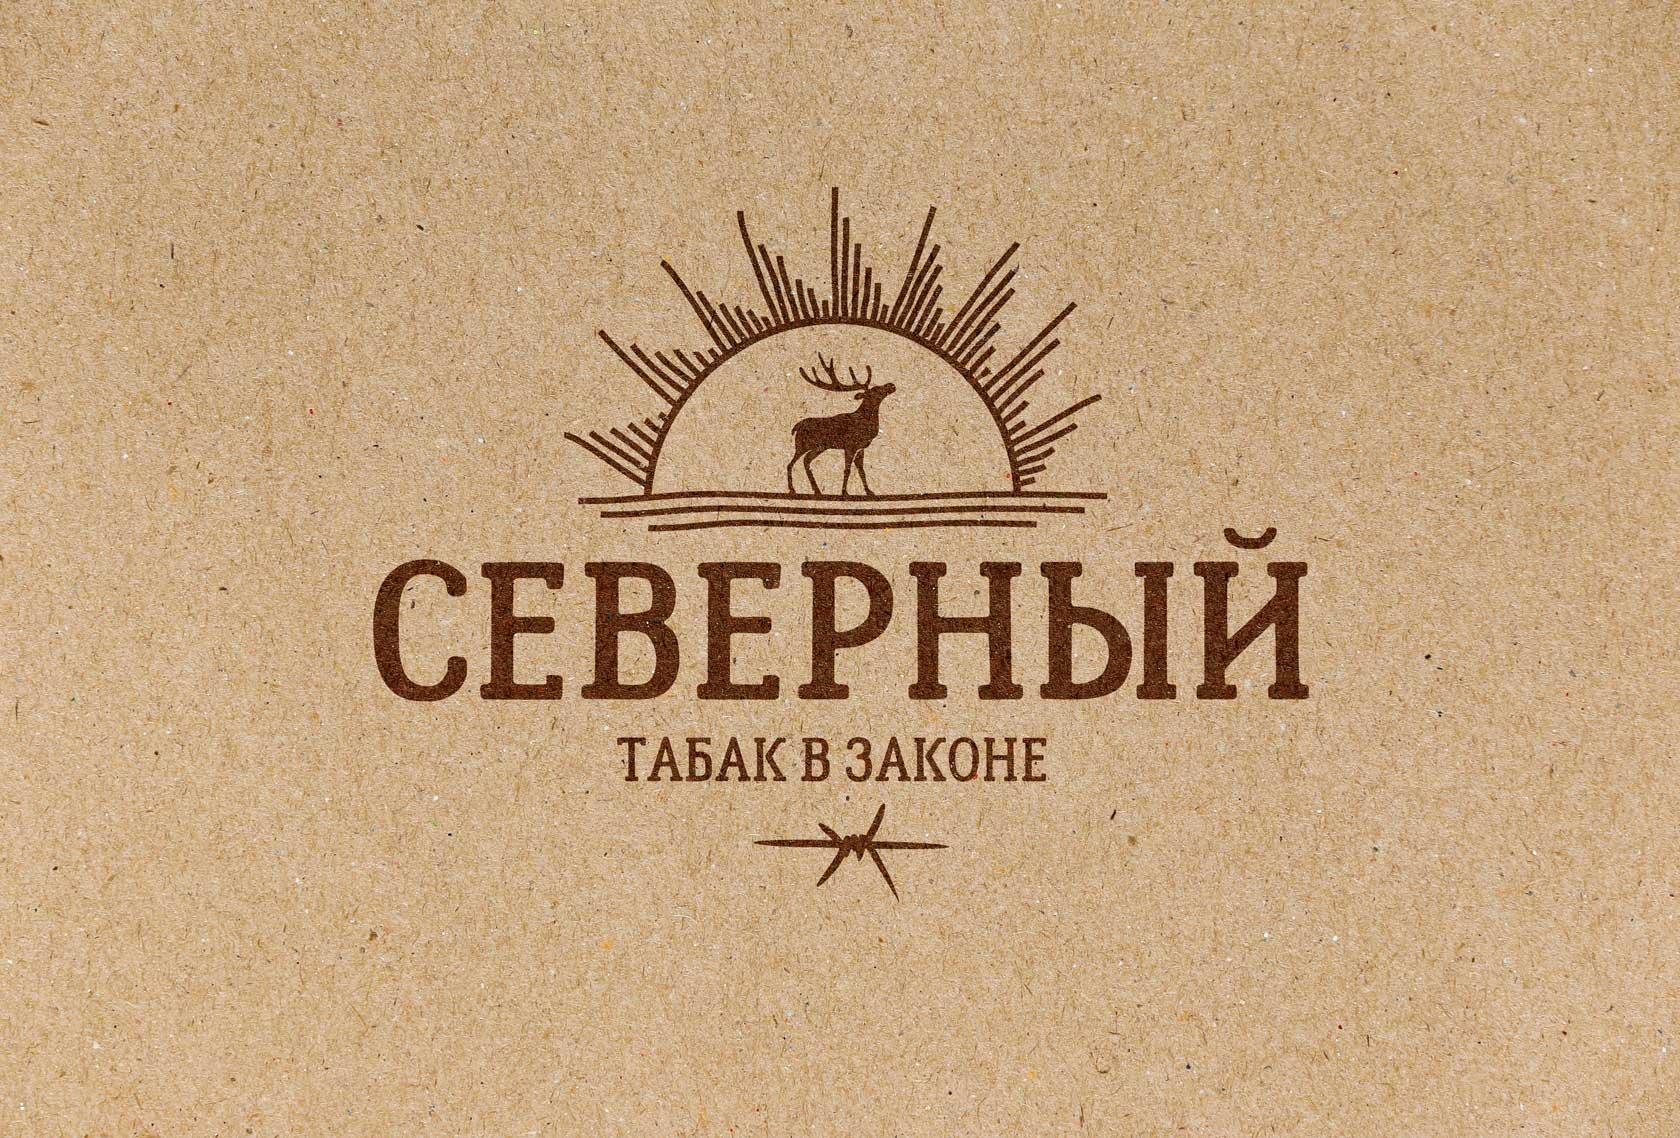 Табак-Северный